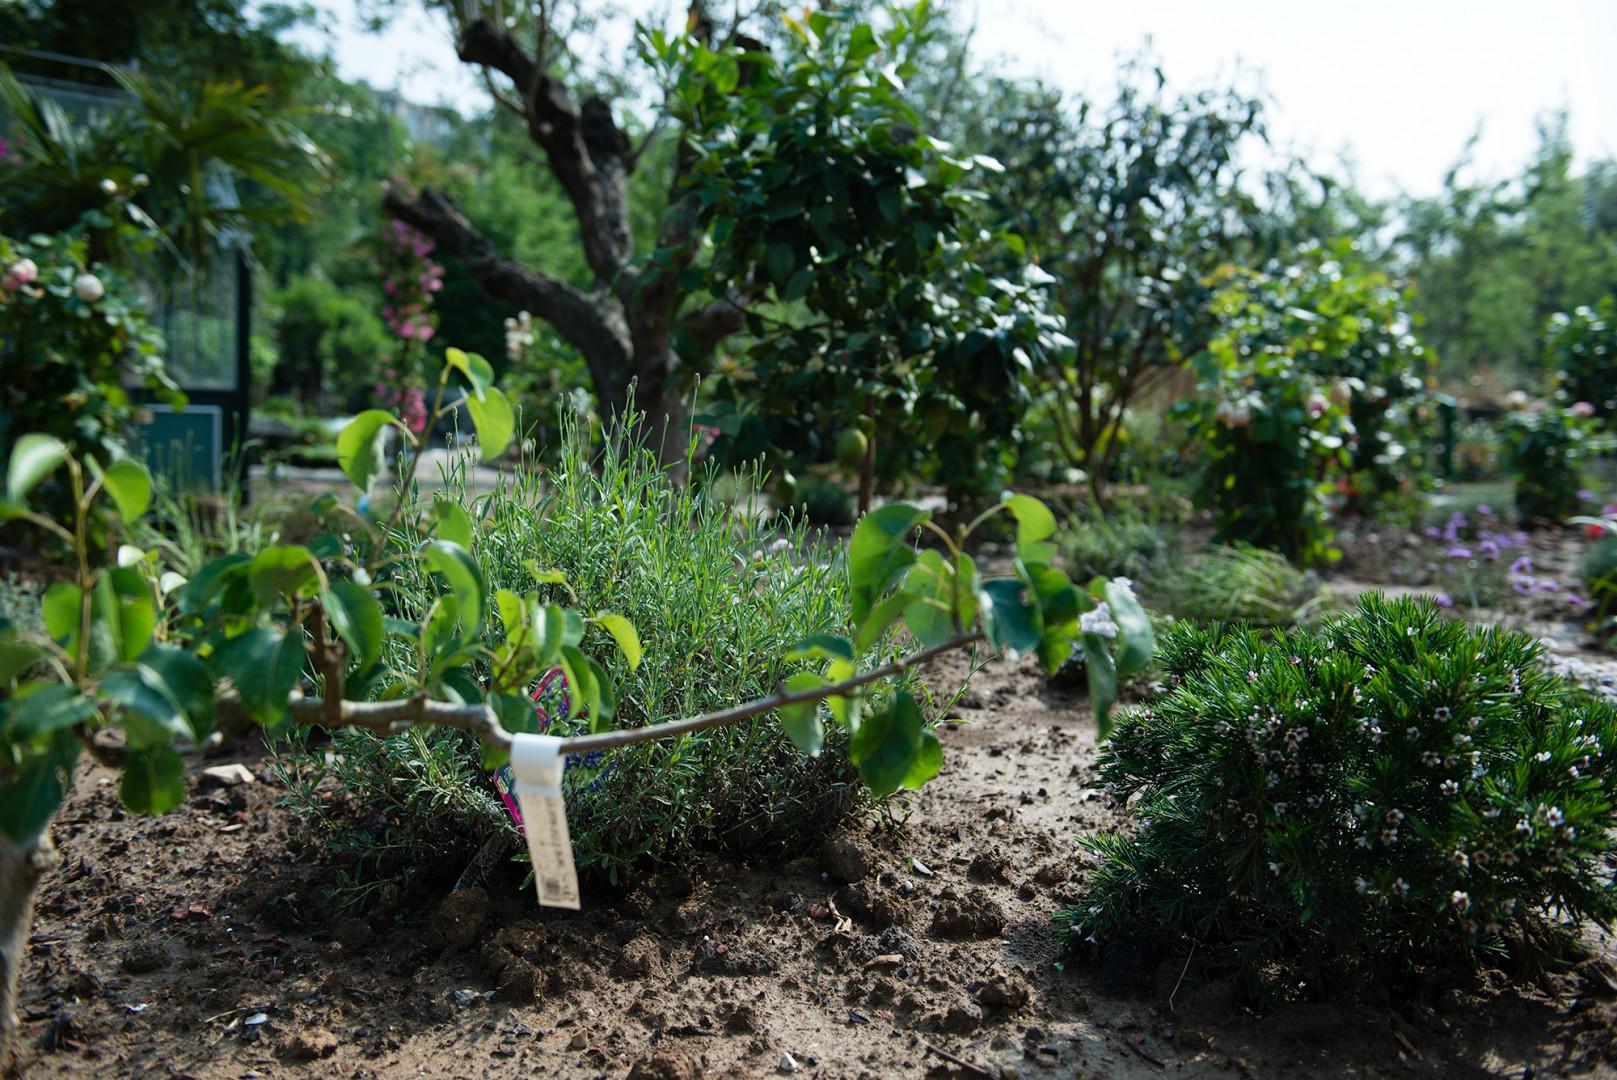 Les 18 hectares du Jardin d'Acclimatation ont été repaysagés.